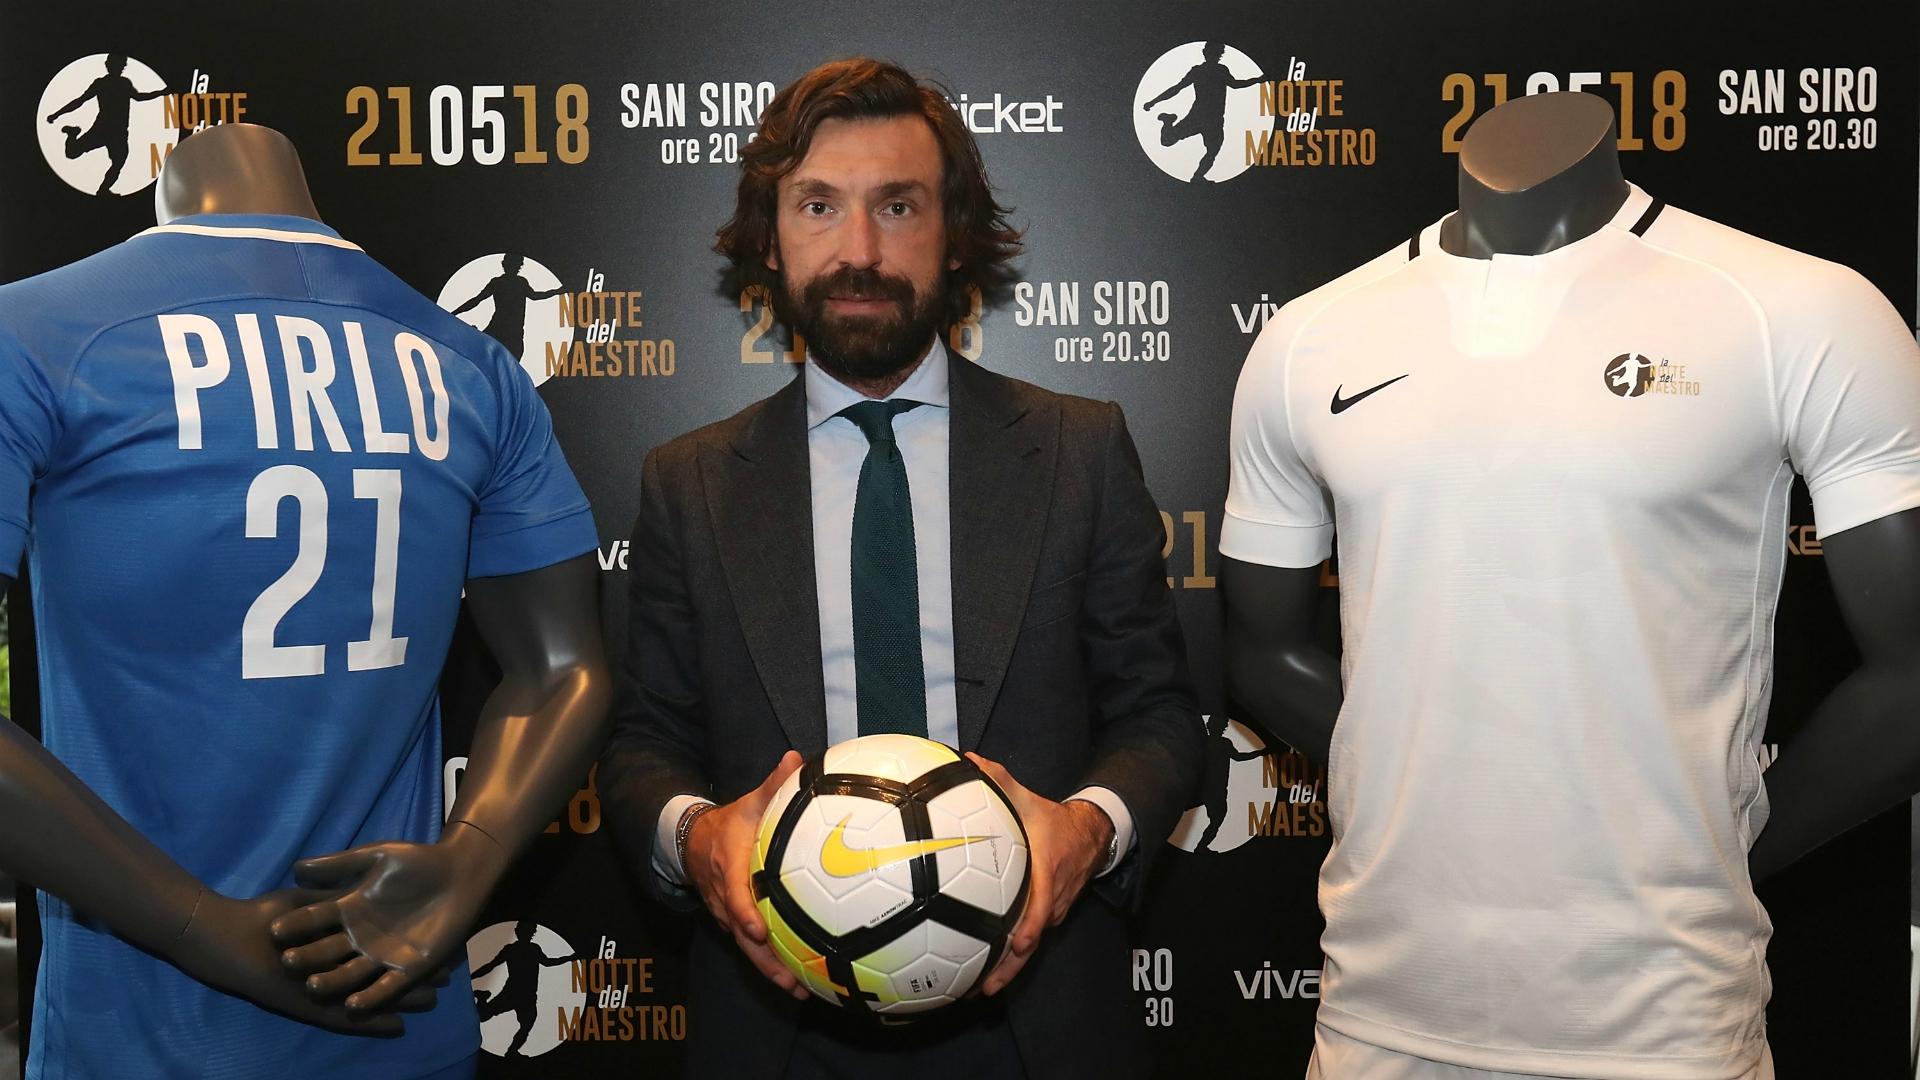 Pirlo e la partita d'addio al calcio, ci sarà anche Leonardo Bonucci